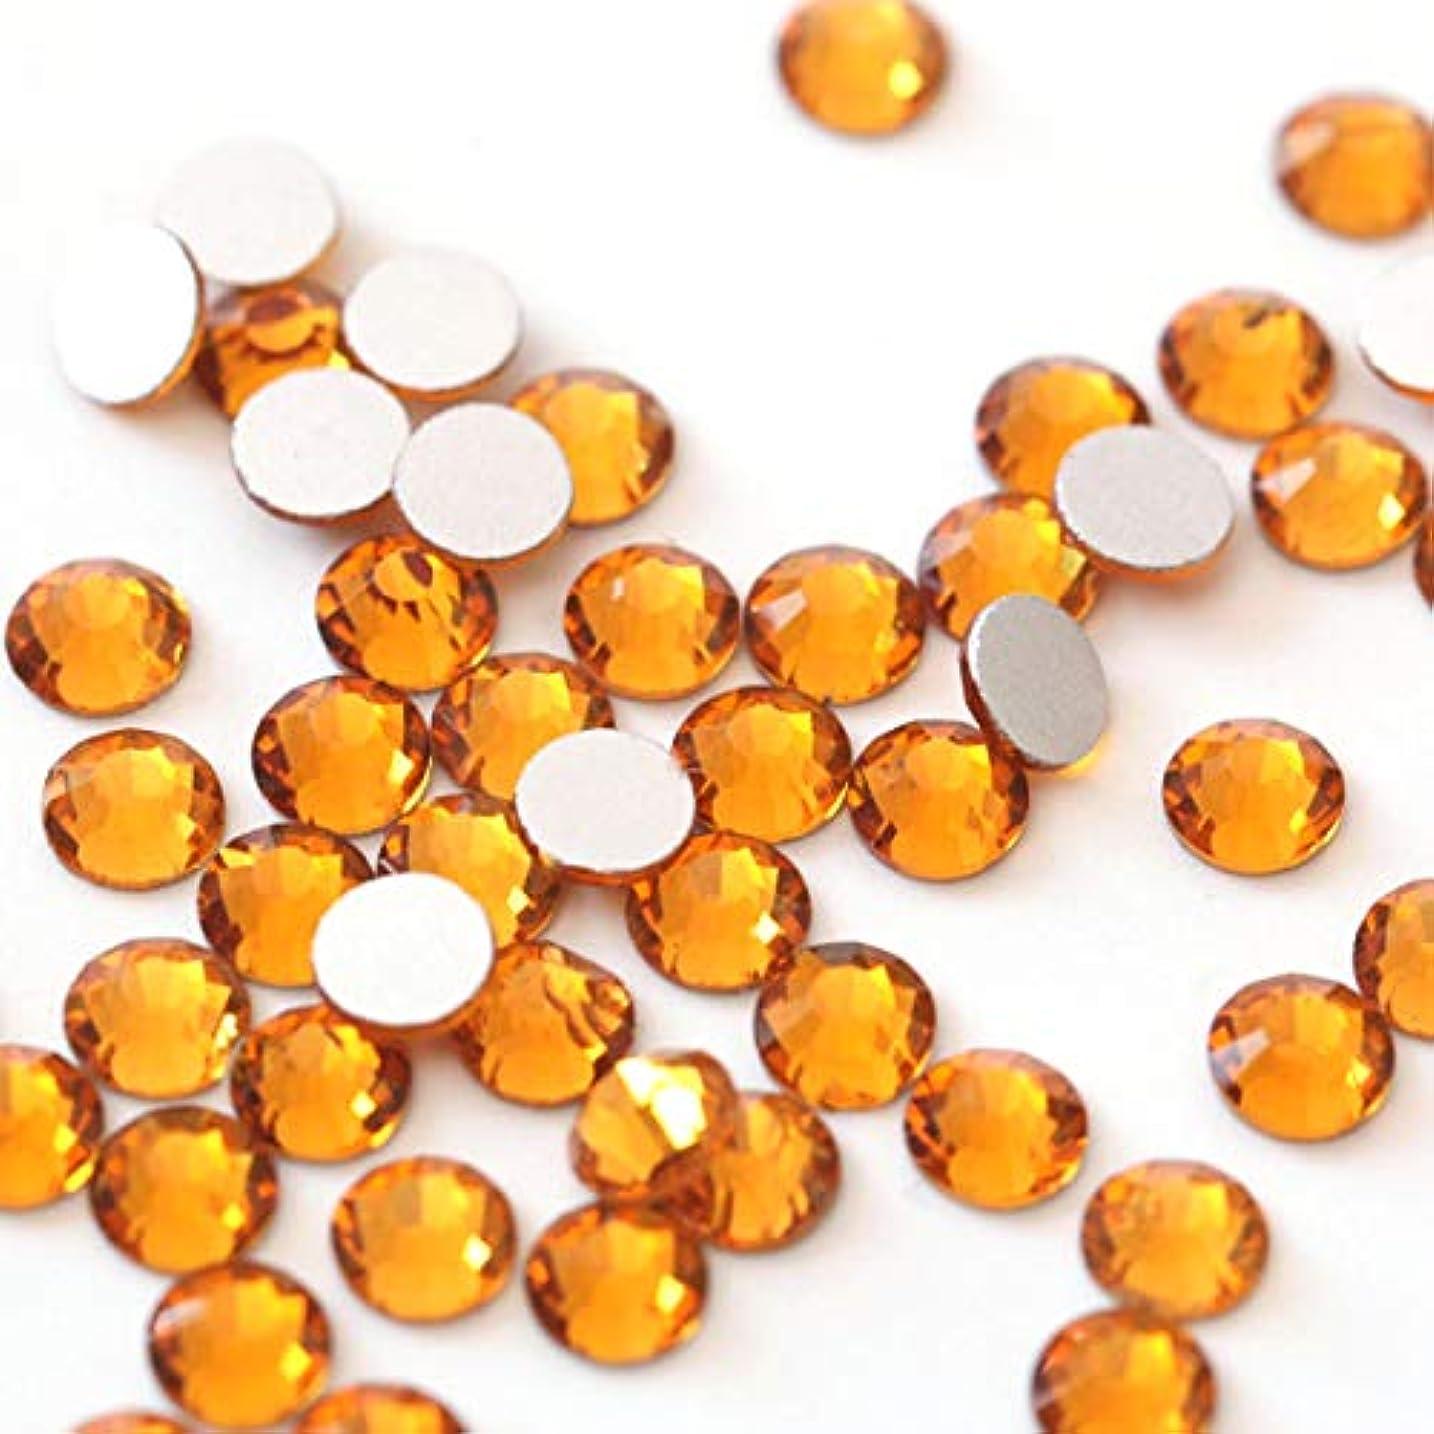 有益な裕福な便益【ラインストーン77】 超高級 ガラス製ラインストーン SS4~SS40 トパーズ スワロフスキー同等(3.0mm (SS12) 約200粒)